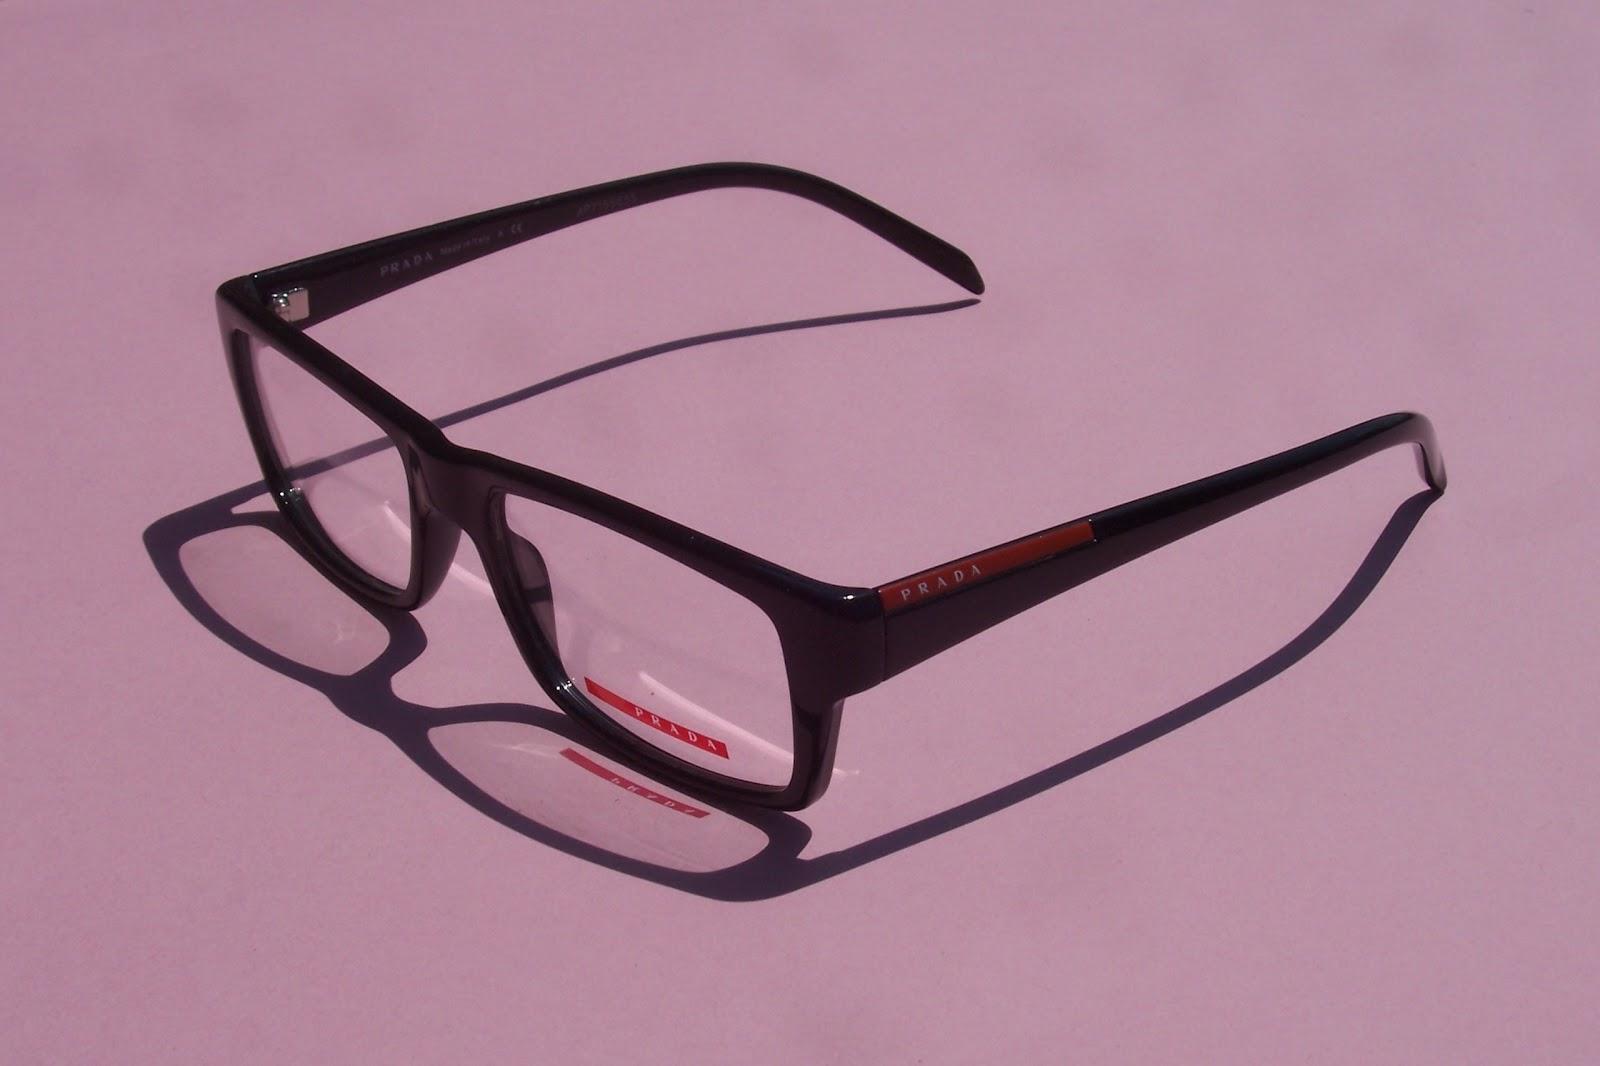 41e9f3fa9ce4 Prada plastic frame price 4999 Rs